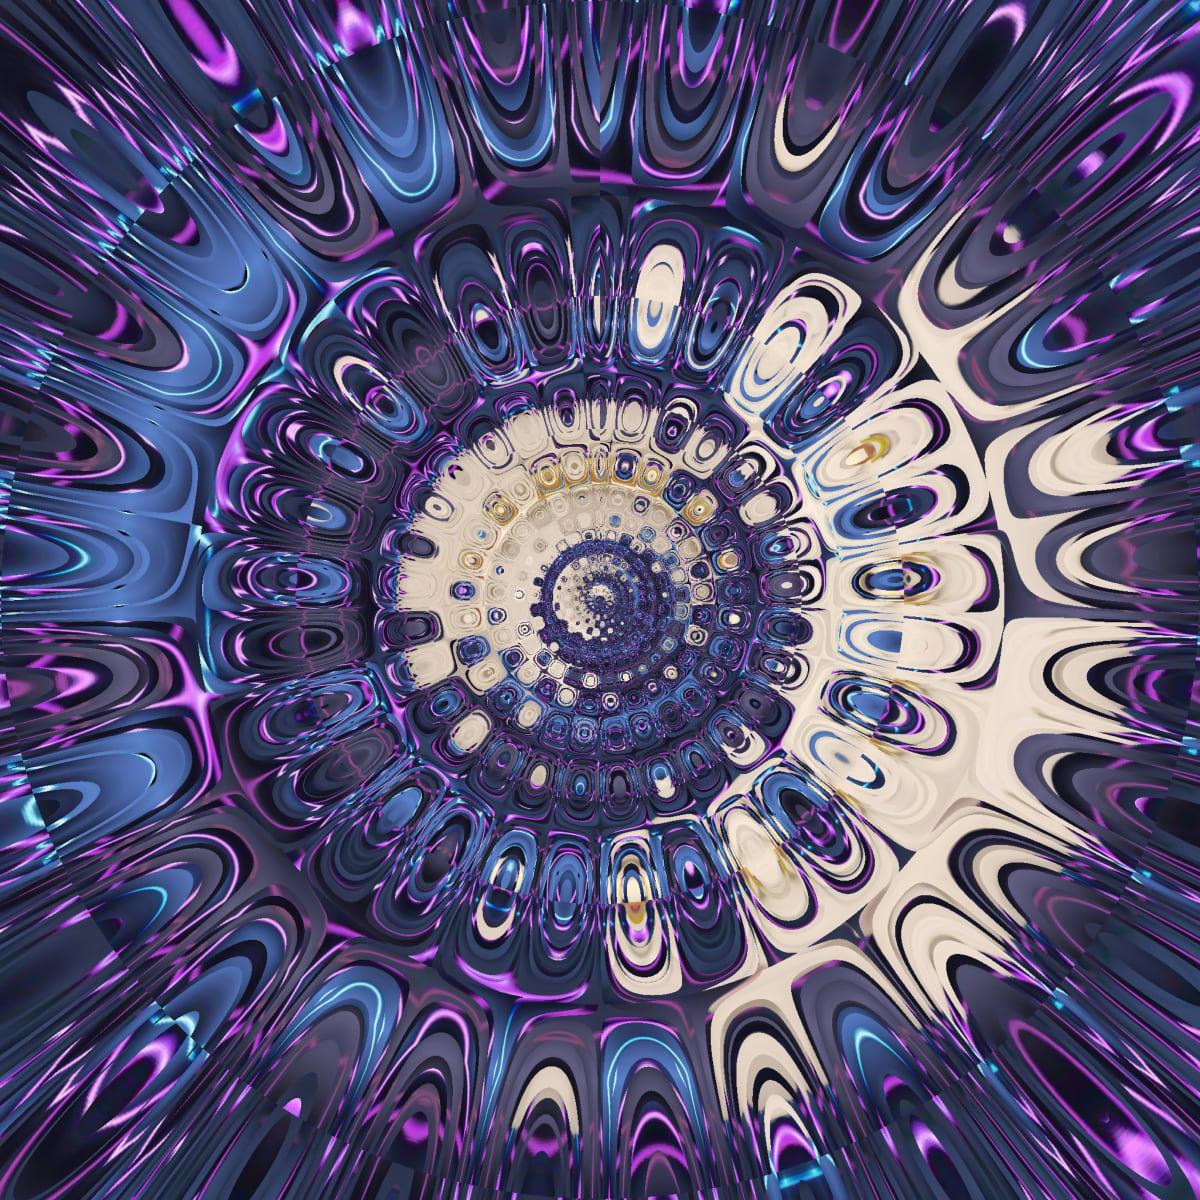 Kaleidoscope 10 by Y. Hope Osborn